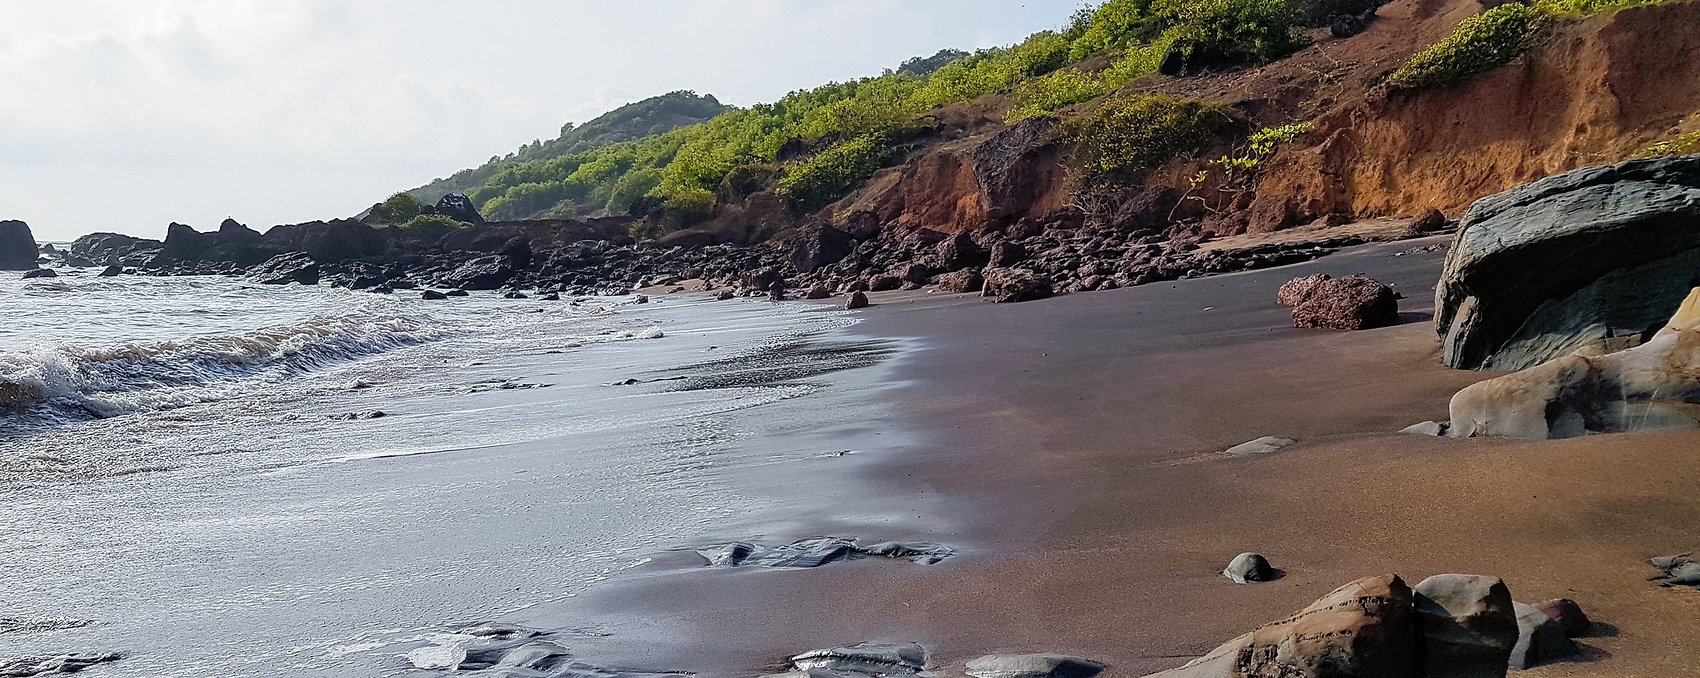 Hippie-Destinationen in Asien | Anjuna Beach, Goa, Indien | Anders reisen, alternative Reisen, Reisetrends, außergewöhnliche Reisen, exklusive Reisen